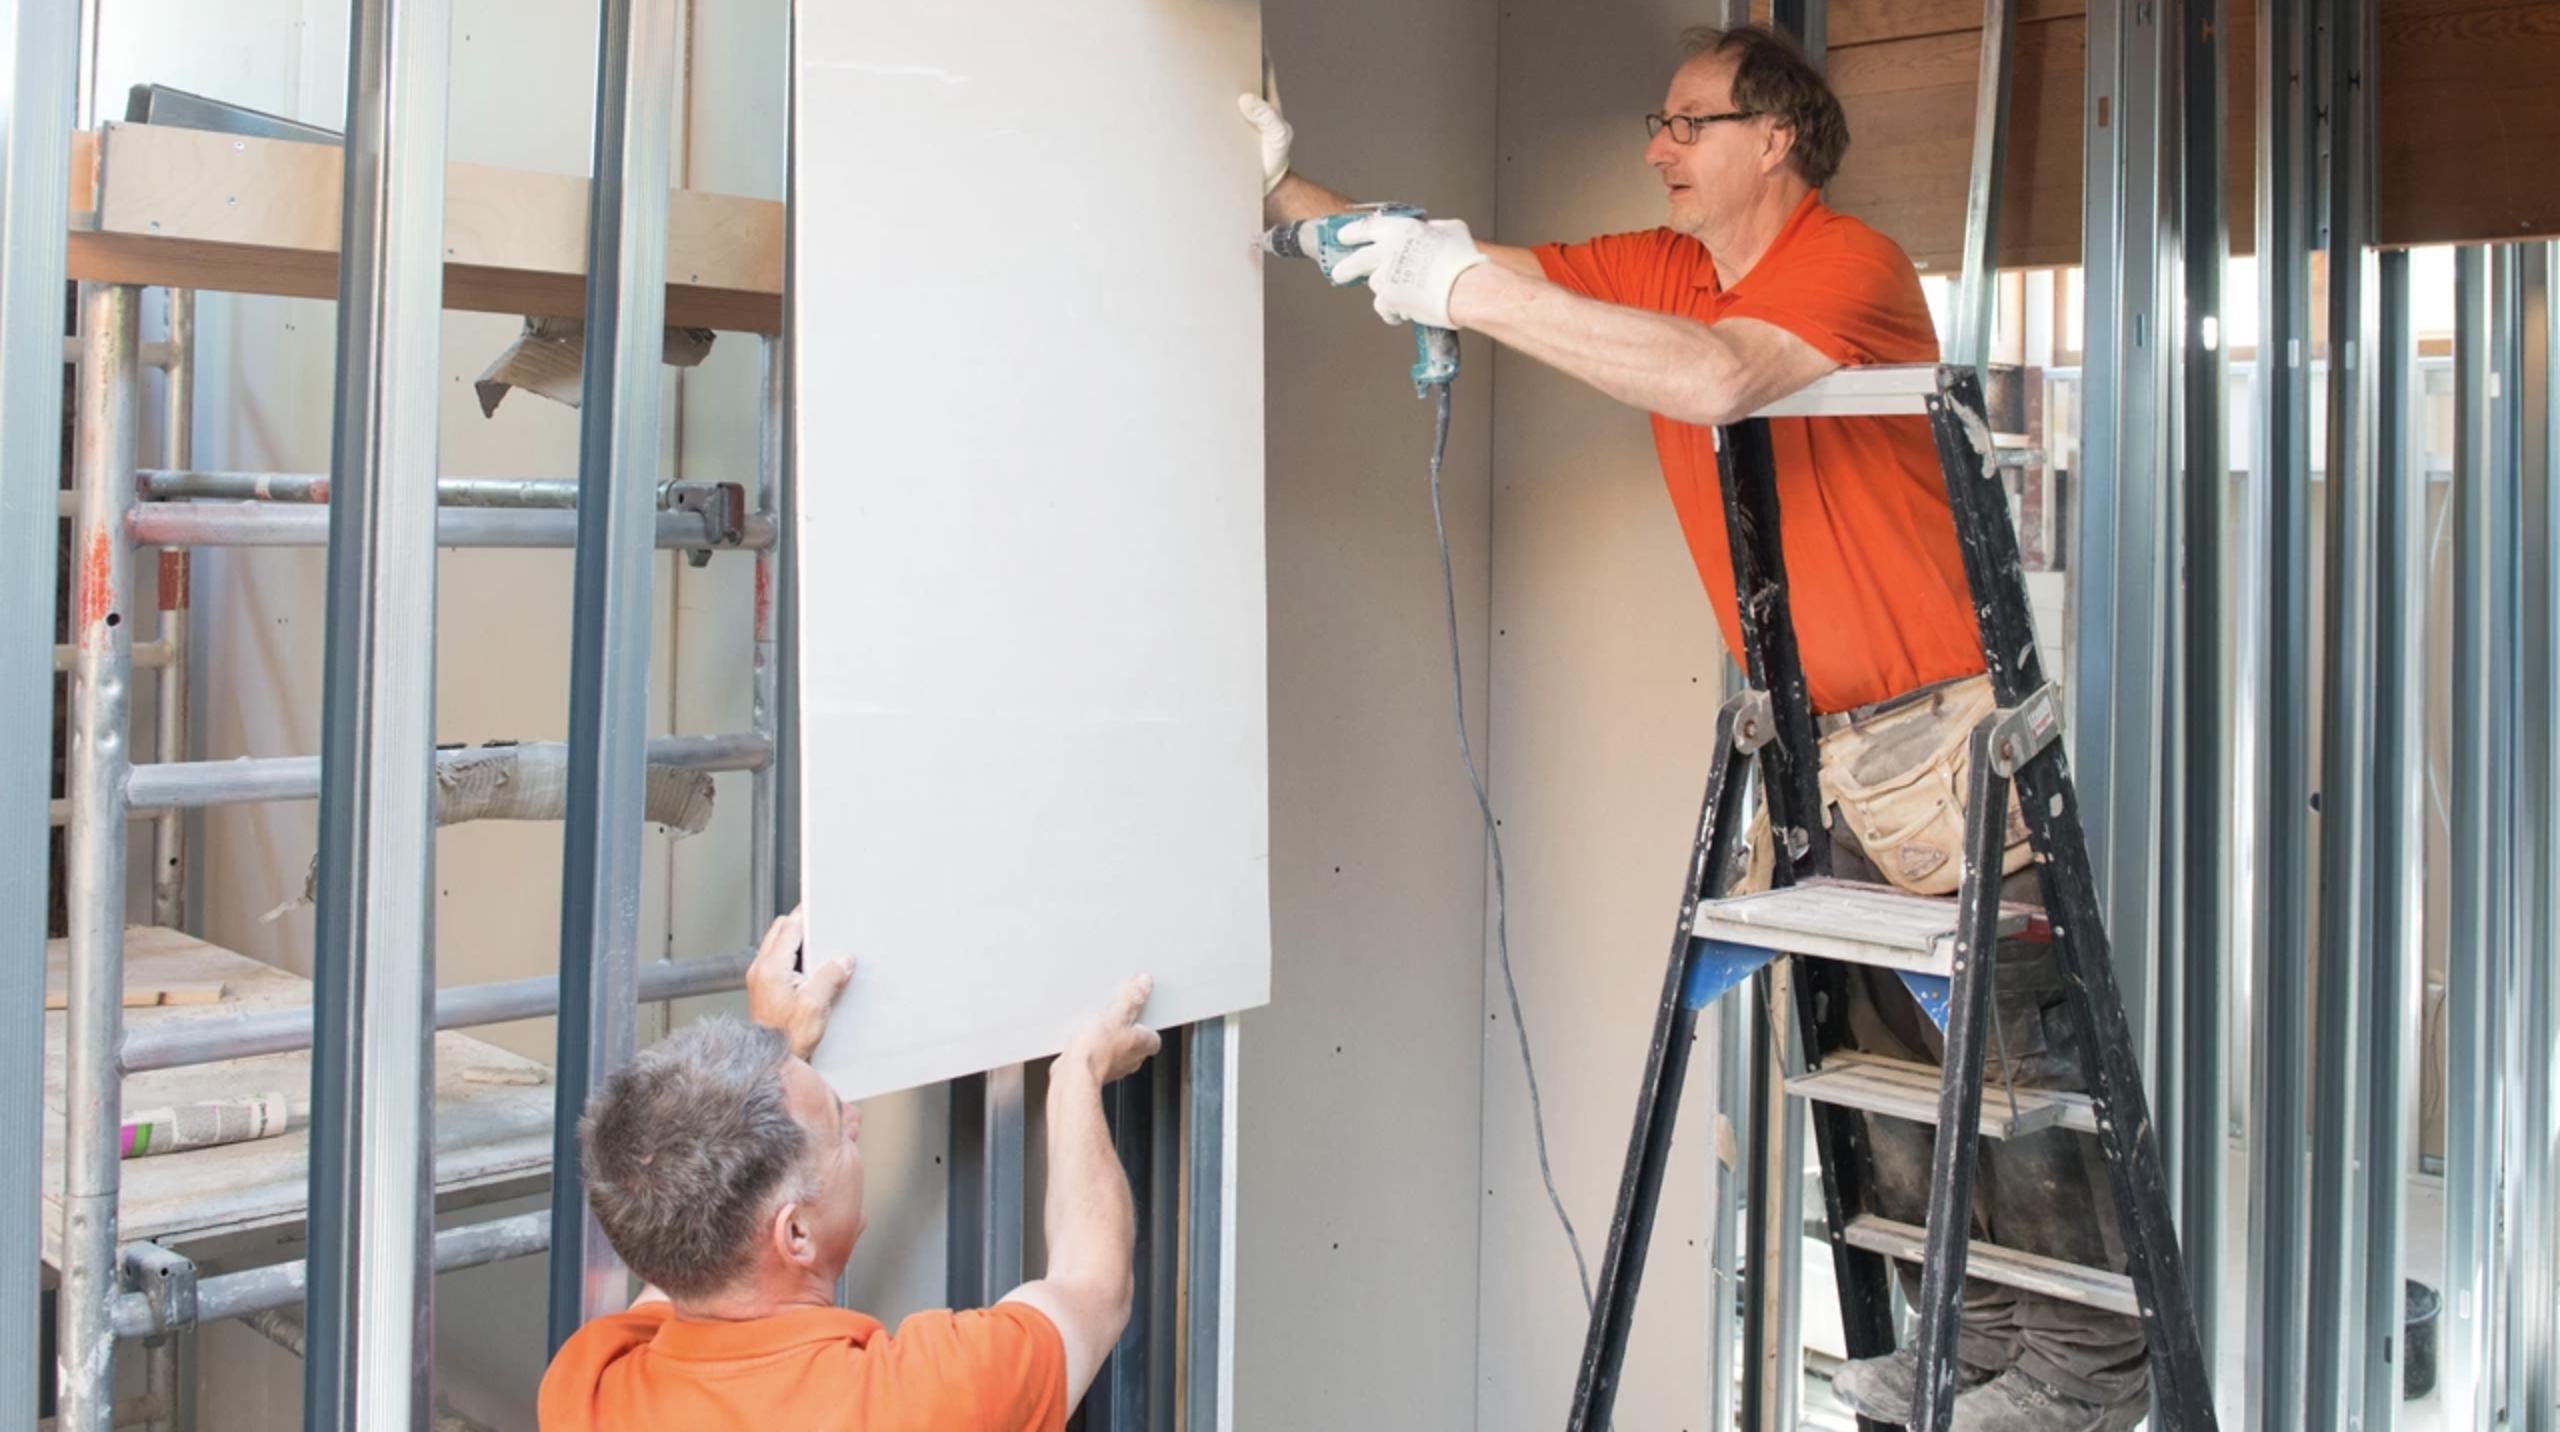 Houd de buren blij tijdens uw verbouwing of renovatie